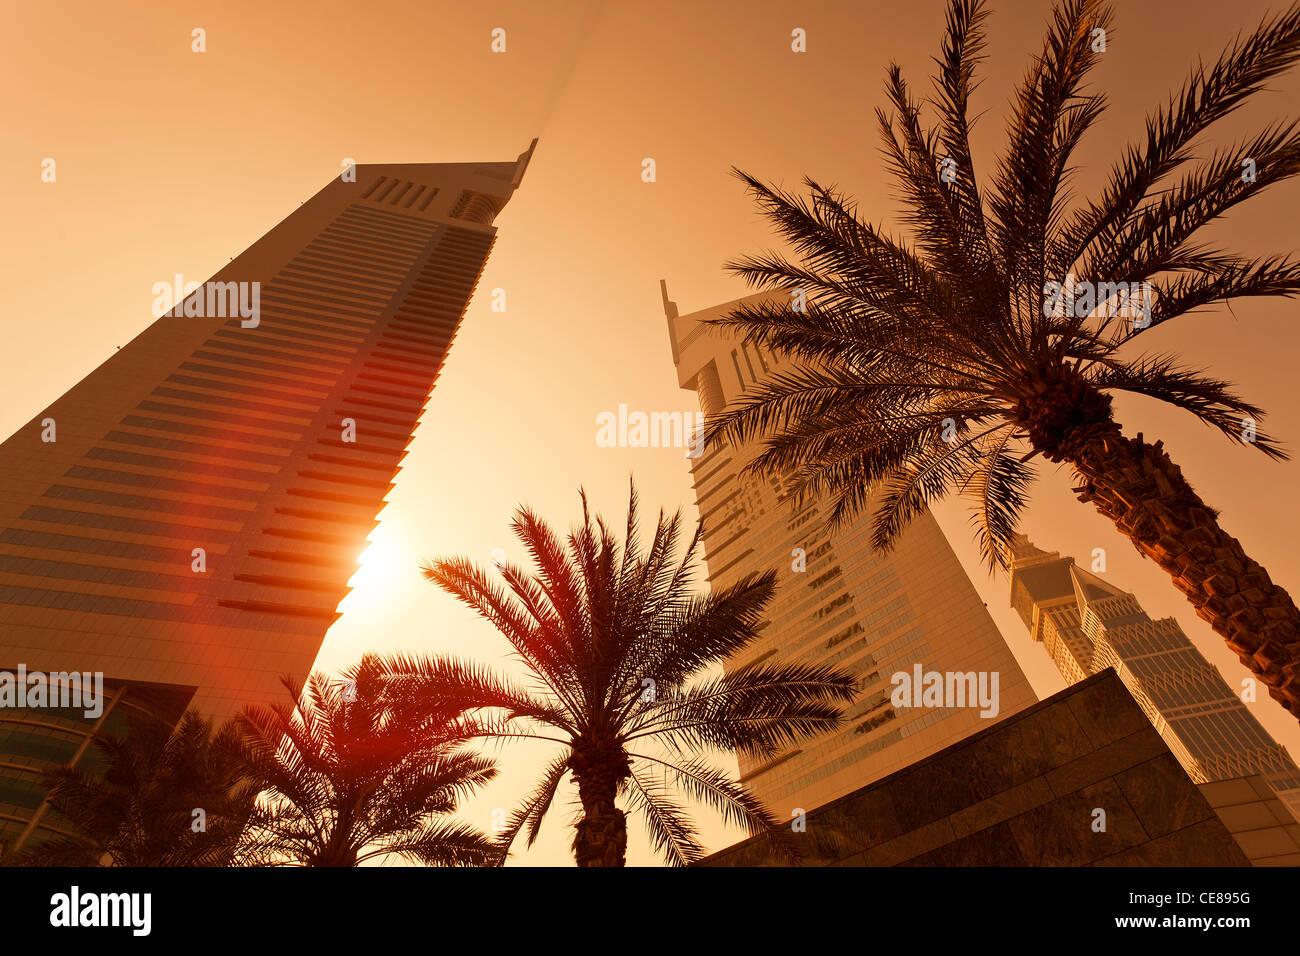 Dubai, Emirates Towers at Sunrise - Stock Image